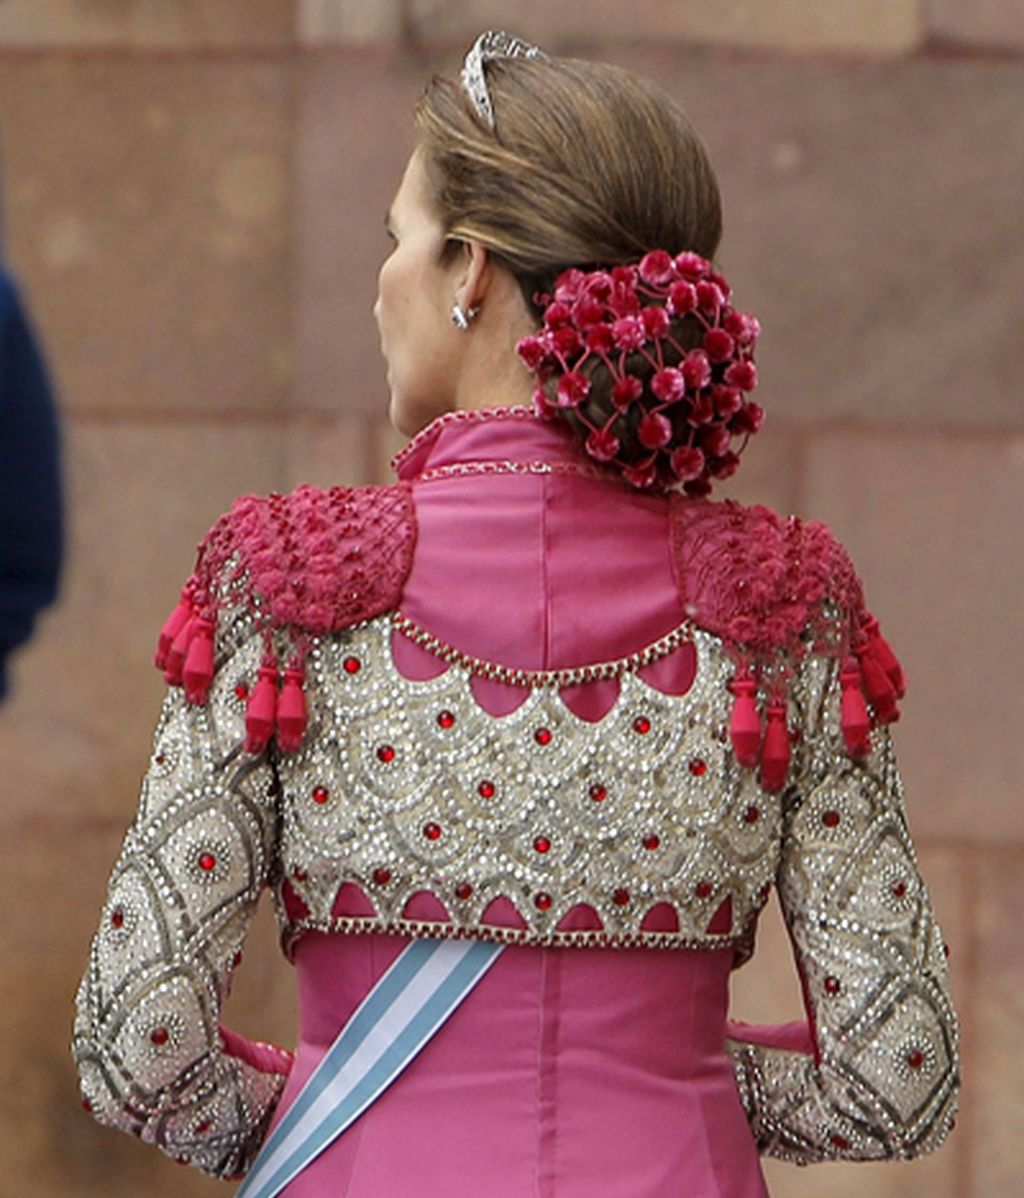 El detalle de un elegante vestido